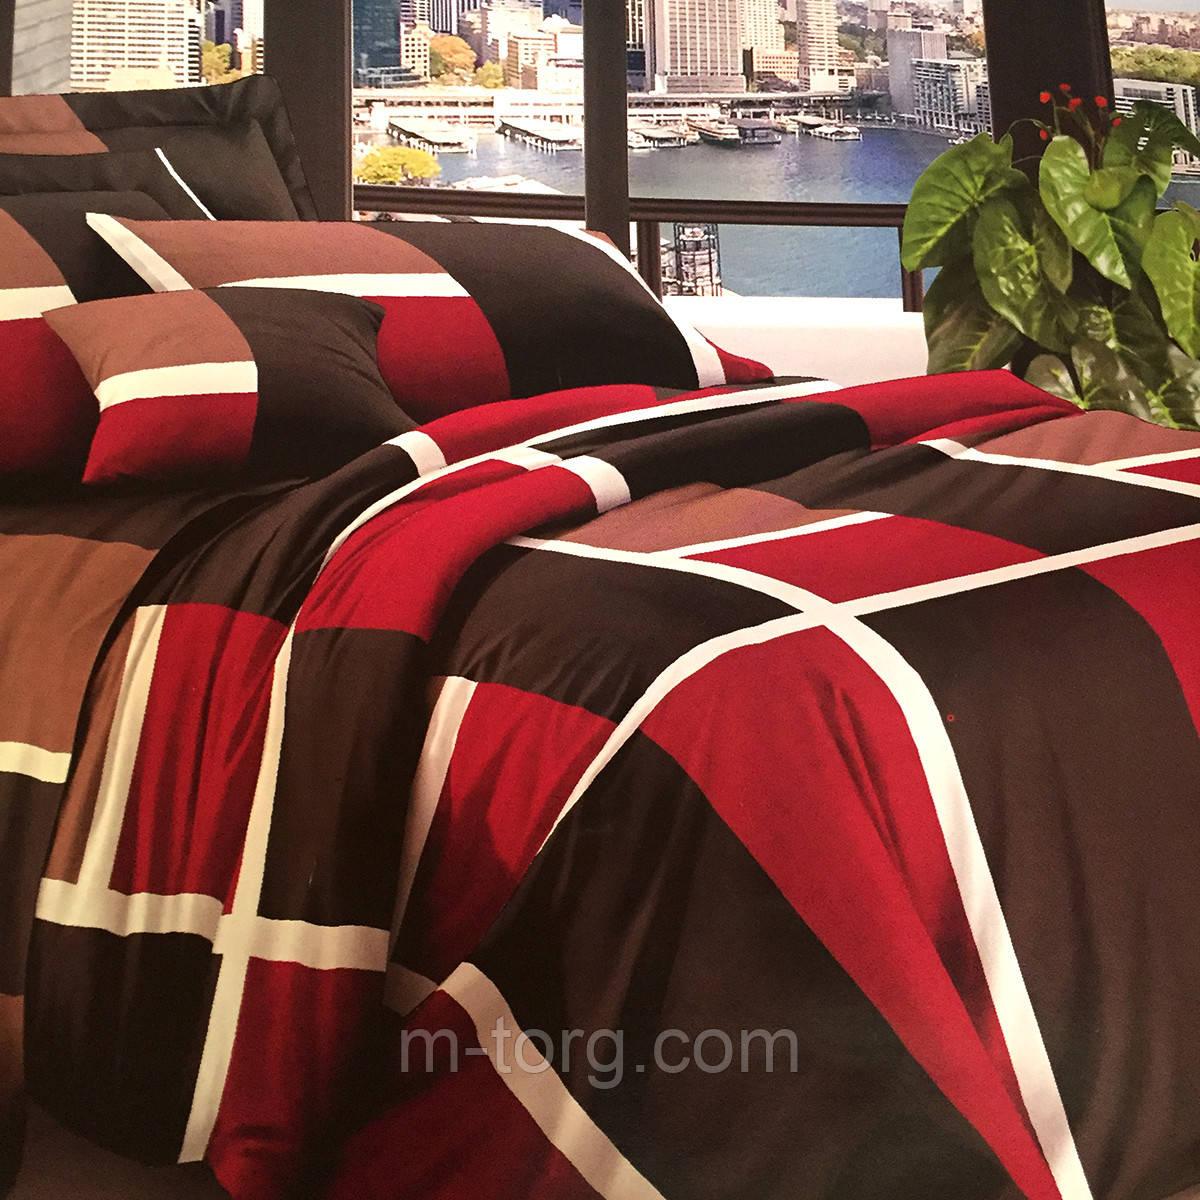 Комплект постельного белья евро размер 200/220,простынь 220/240,нав-ки 70/70,ткань поплин 100% хлопок клетка